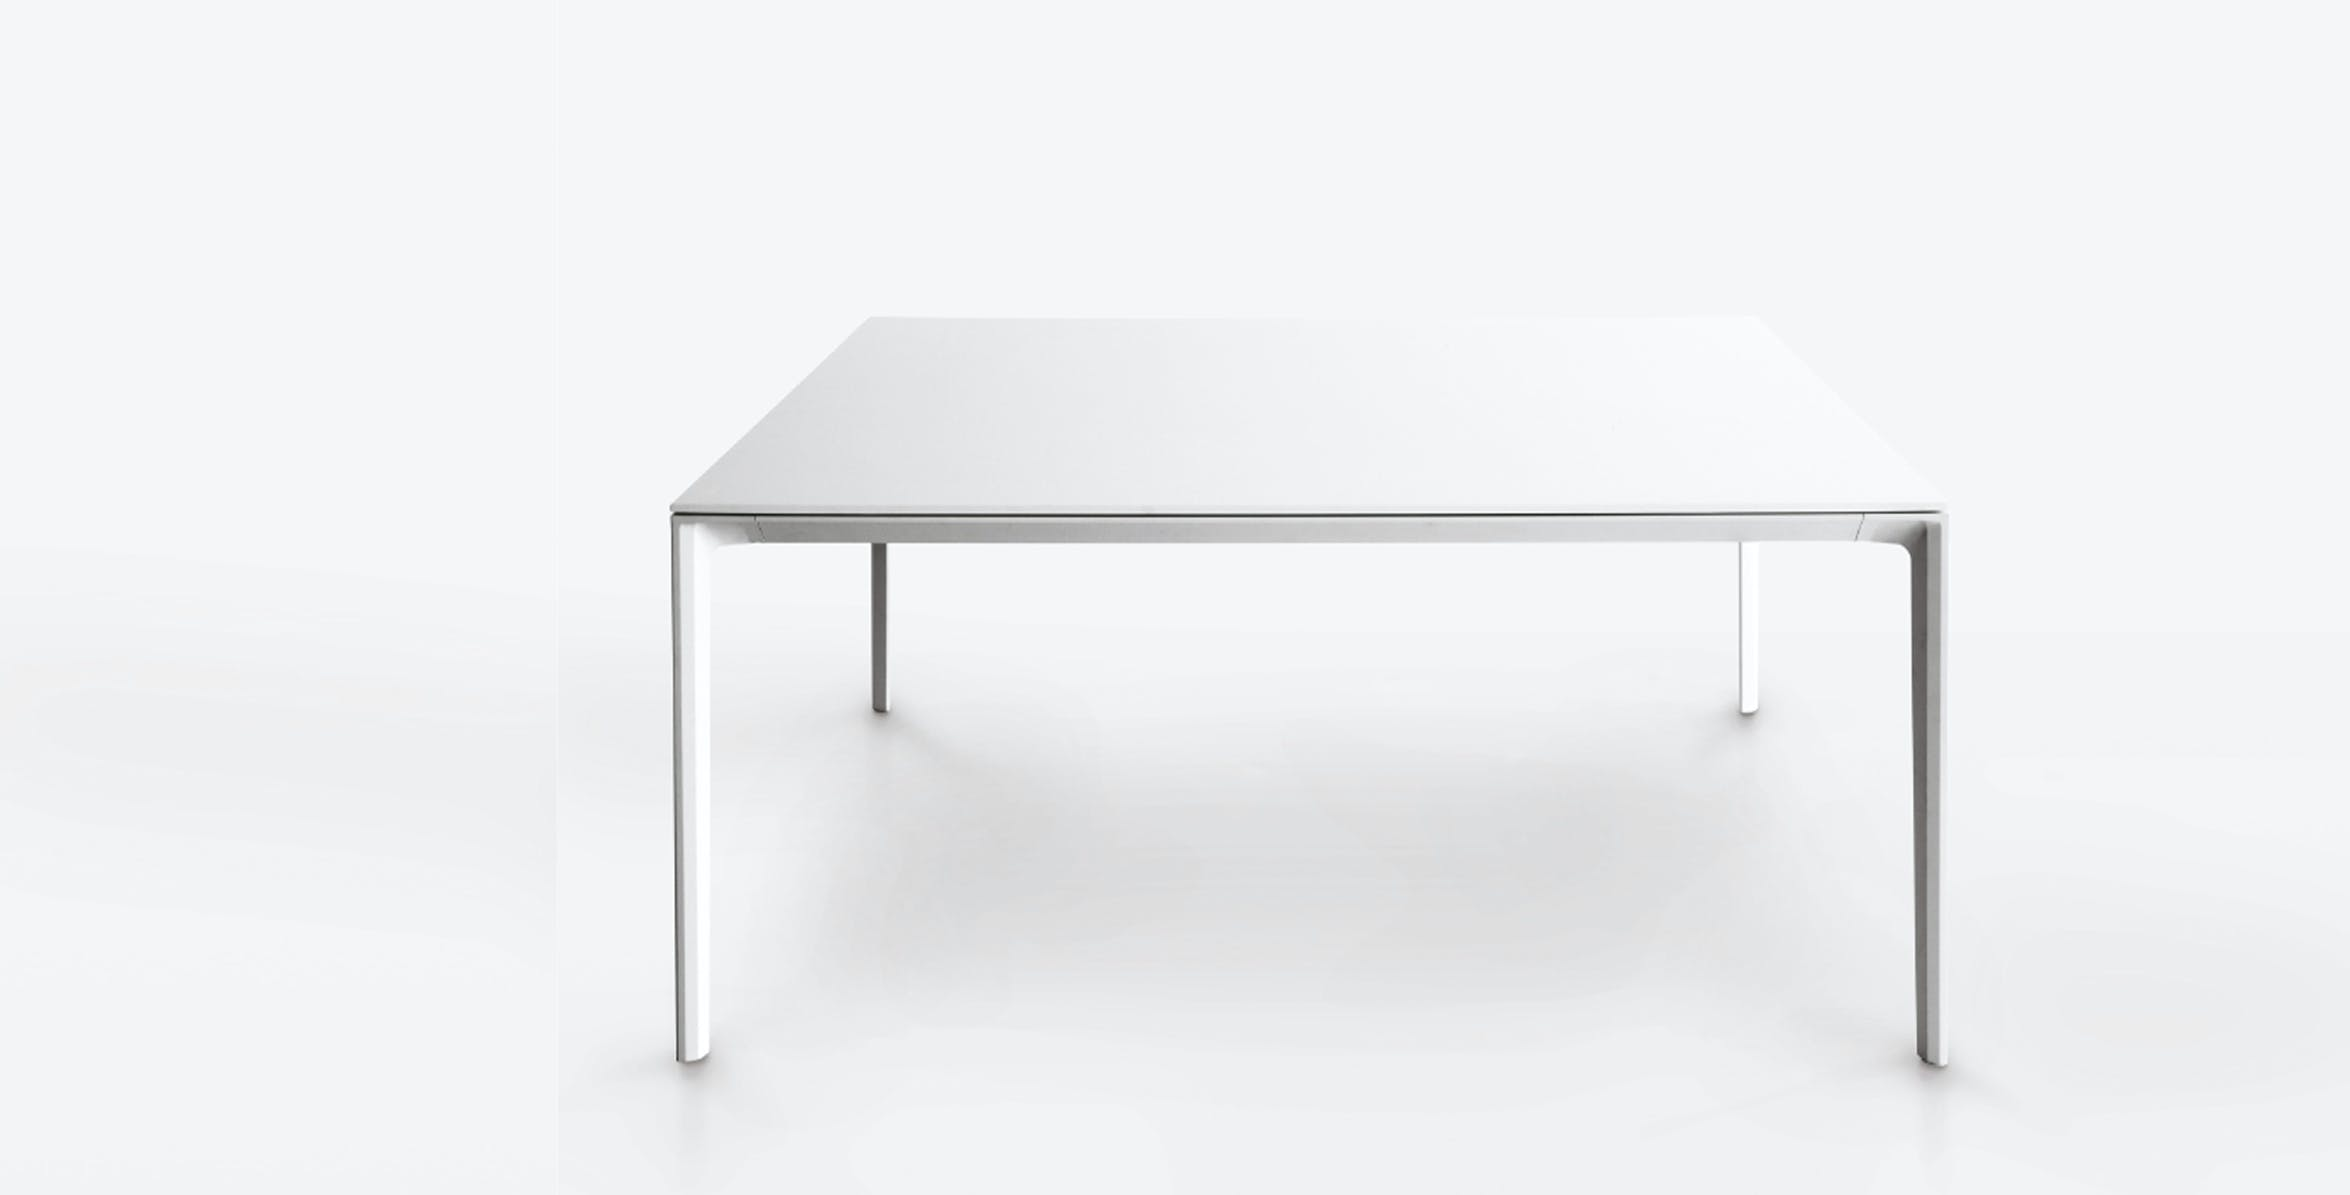 Designer Francesco Rota